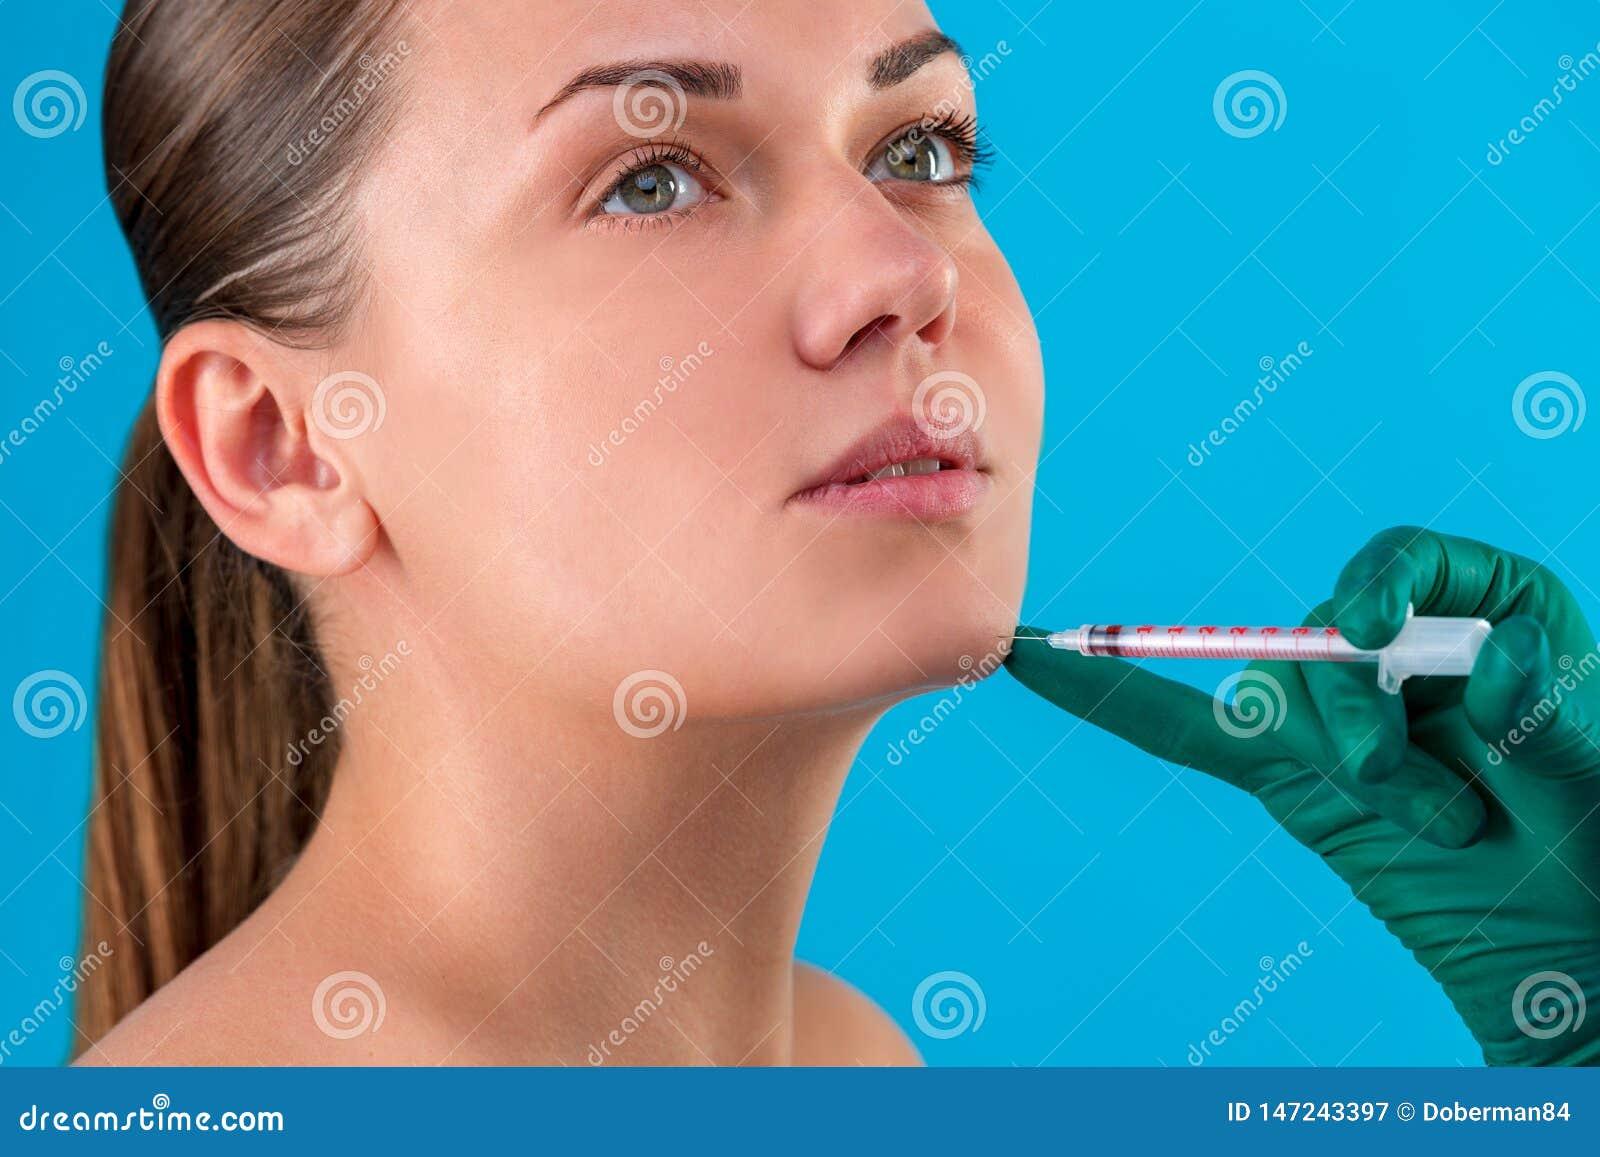 Το πρόσωπο ενός κοριτσιού με το ομαλό δέρμα χωρίς ρυτίδες κάνει τους πυροβολισμούς ομορφιάς Σύριγγα δίπλα στο πρόσωπο, σαλόνι φρο